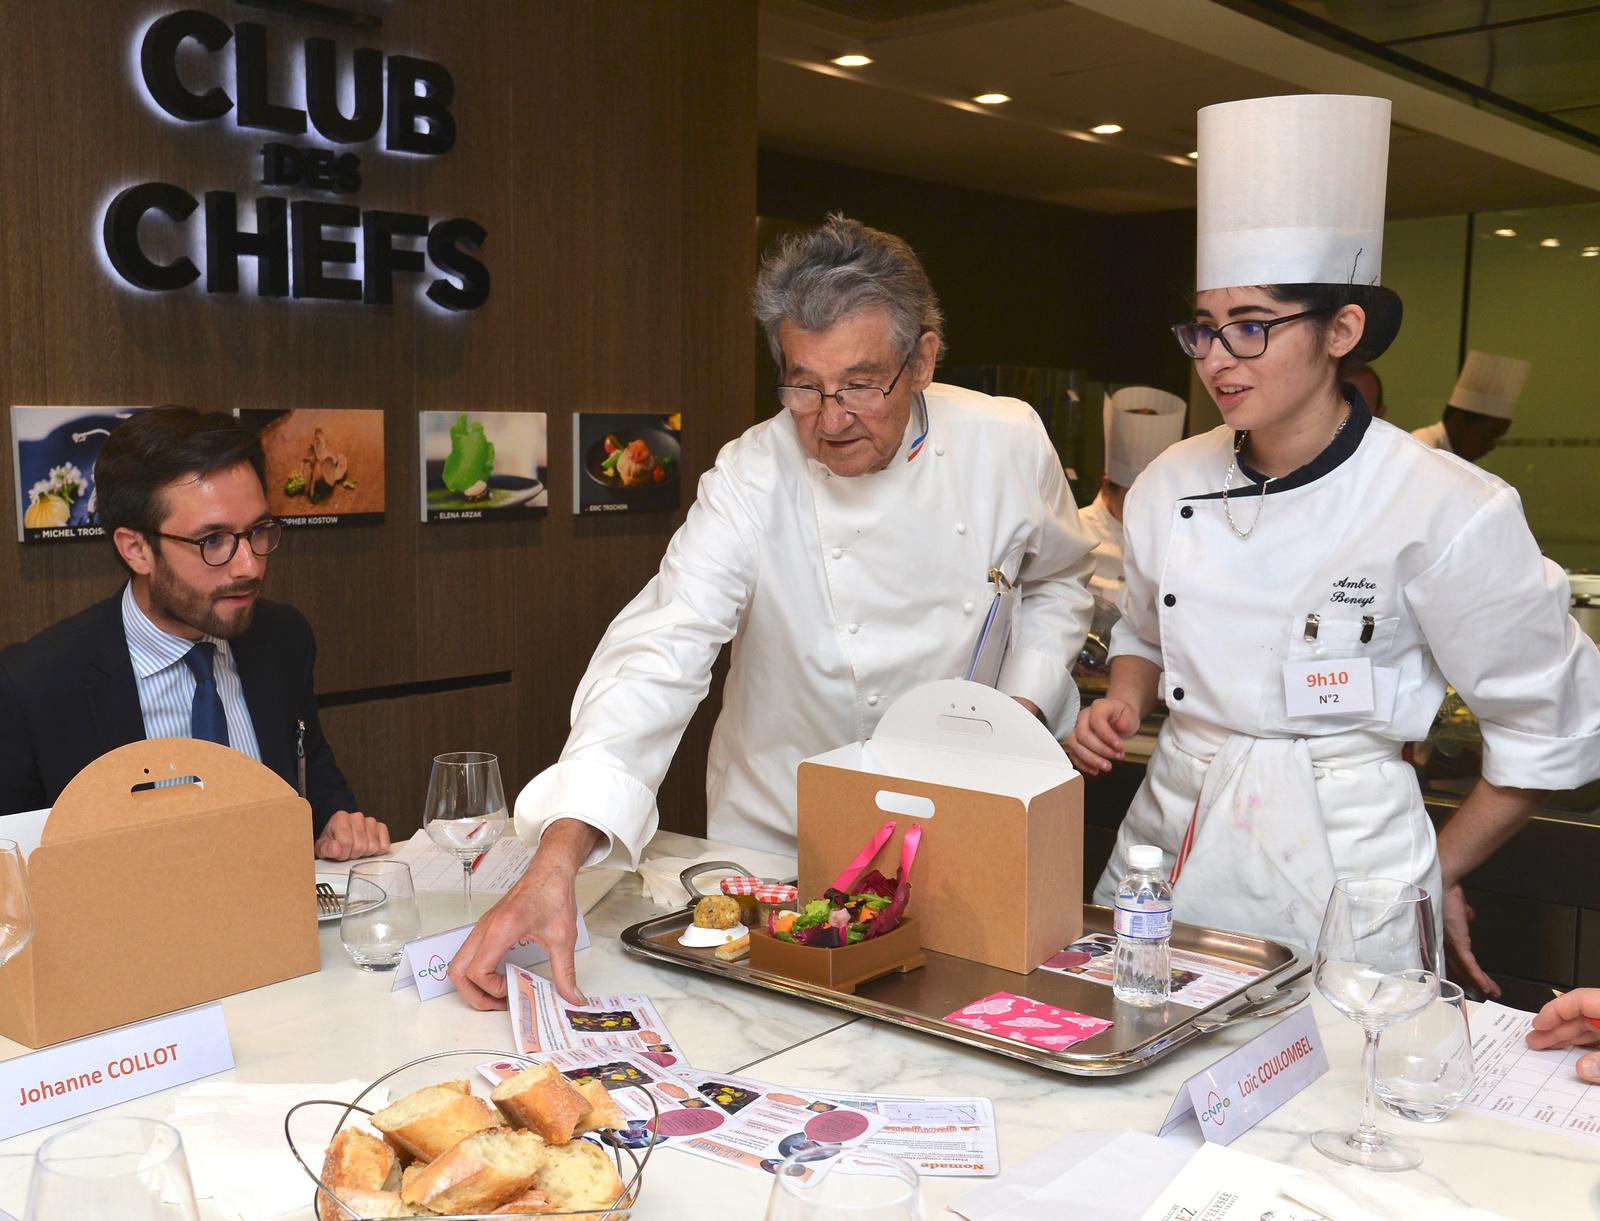 En vidéo, les gestes en cuisine de la jeune Ambre Beneyt au Trophée de l'Oeuf 2017